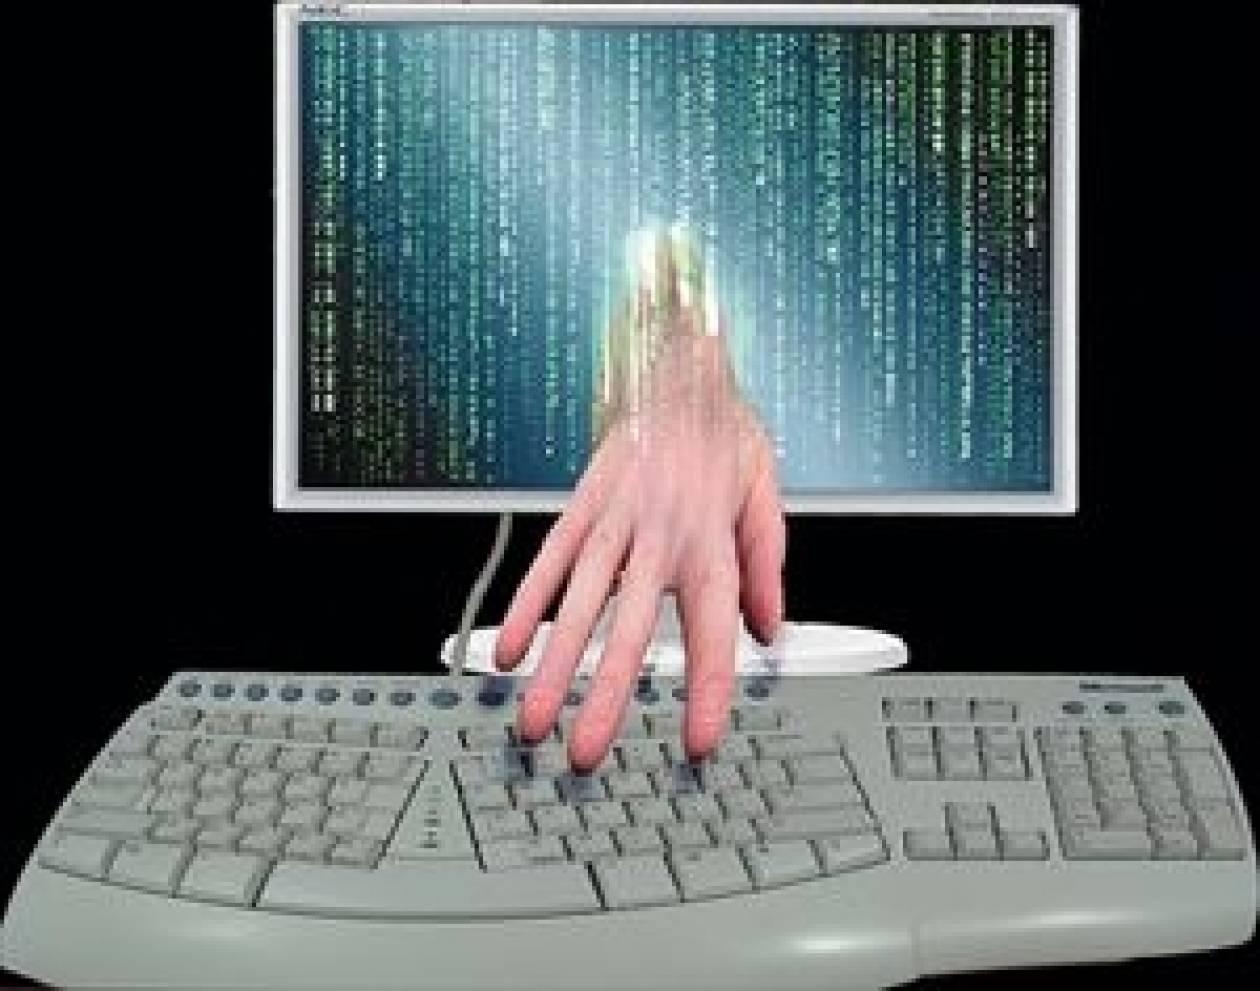 Απίστευτη απάτη μέσω Διαδικτύου στα Χανιά